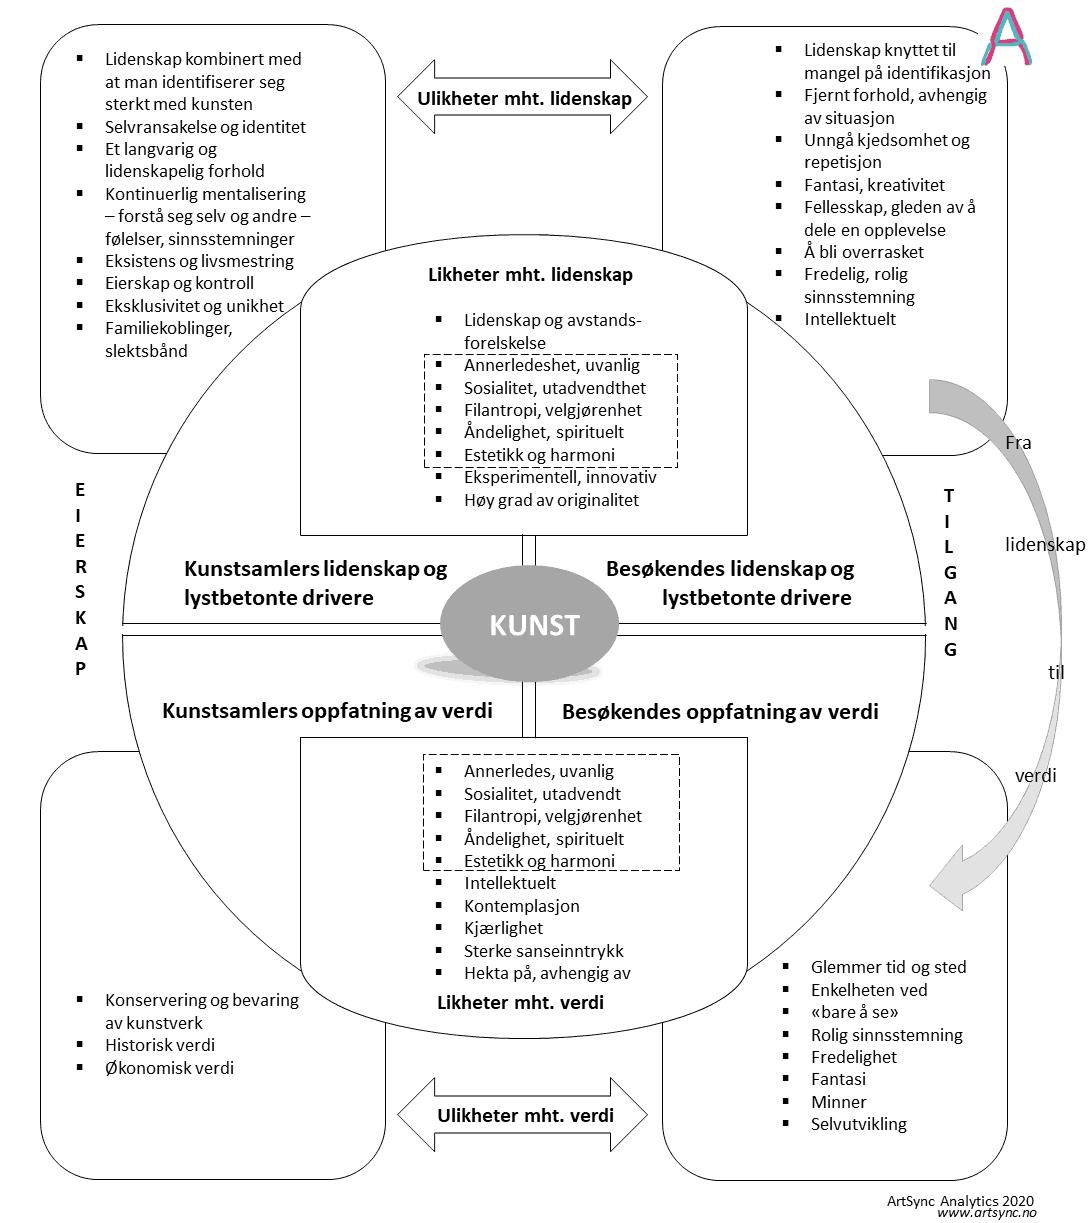 Figur 1: Drivere mht. ervervelse (det å eie kunst) og tilgjengelighet (ved f.eks. et museumsbesøk)